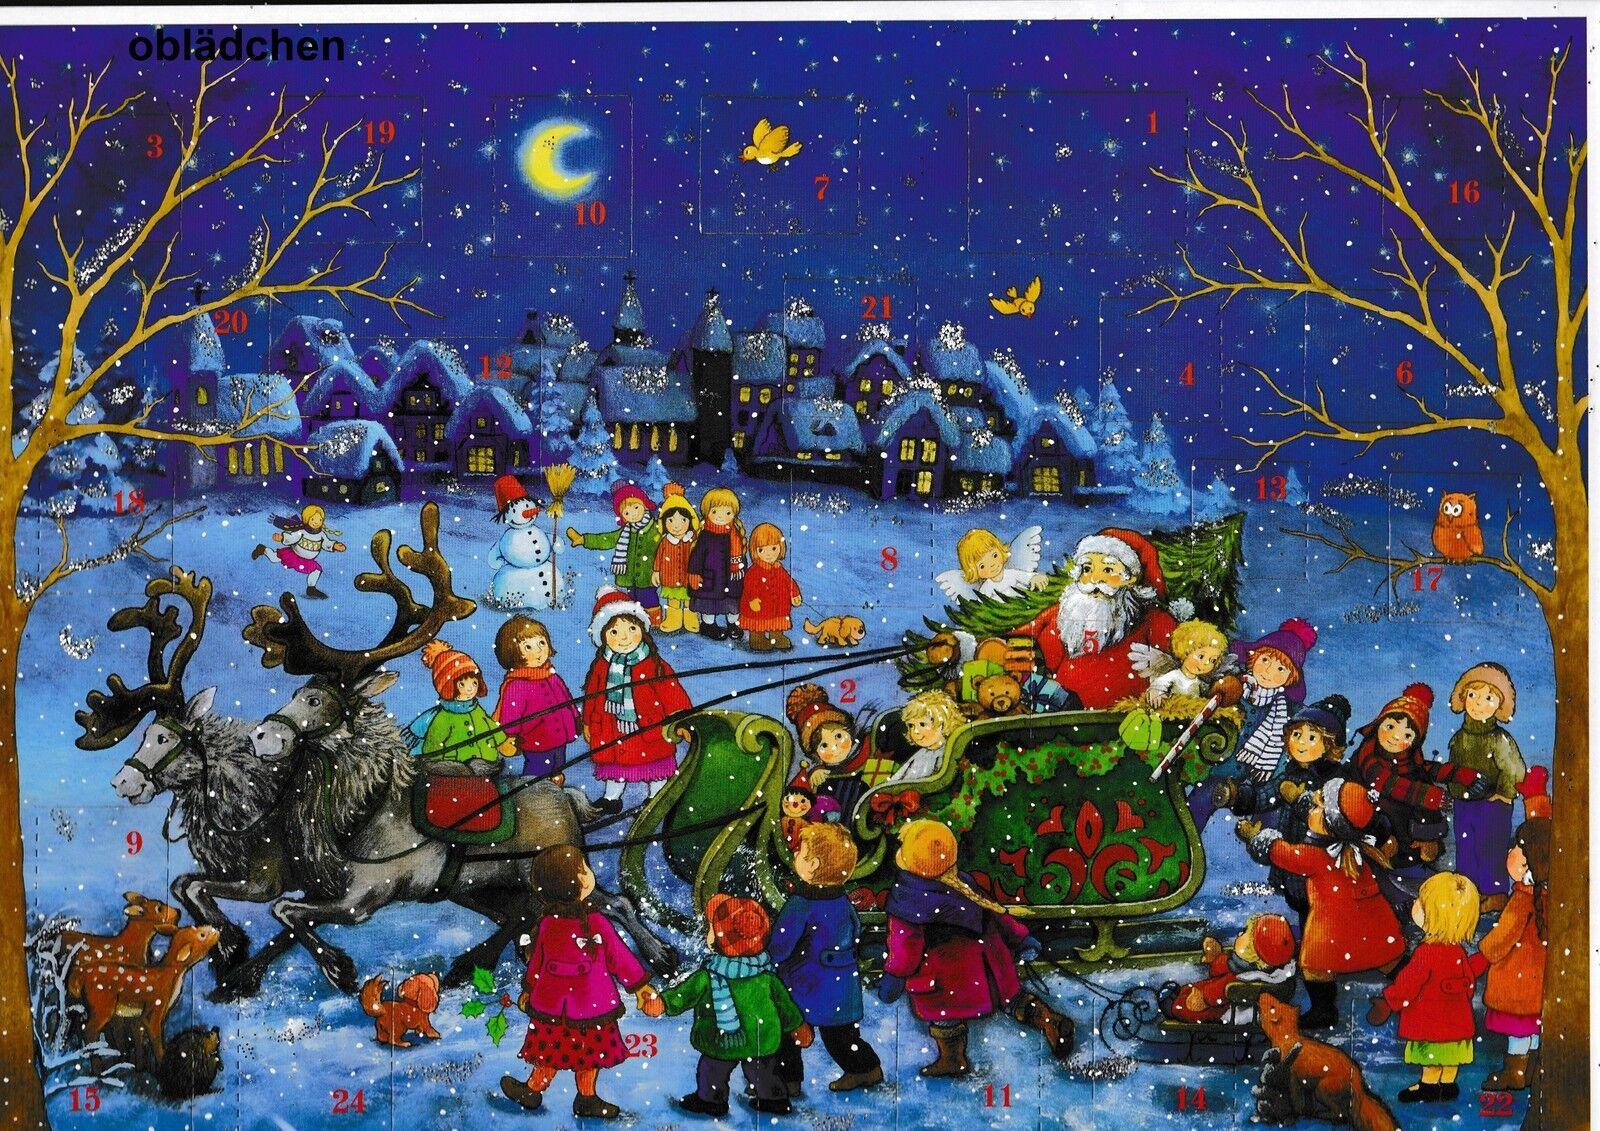 # Sellmer Calendario de Adviento Núm 98 # Trineo Navidad & Niños, Con Destellos